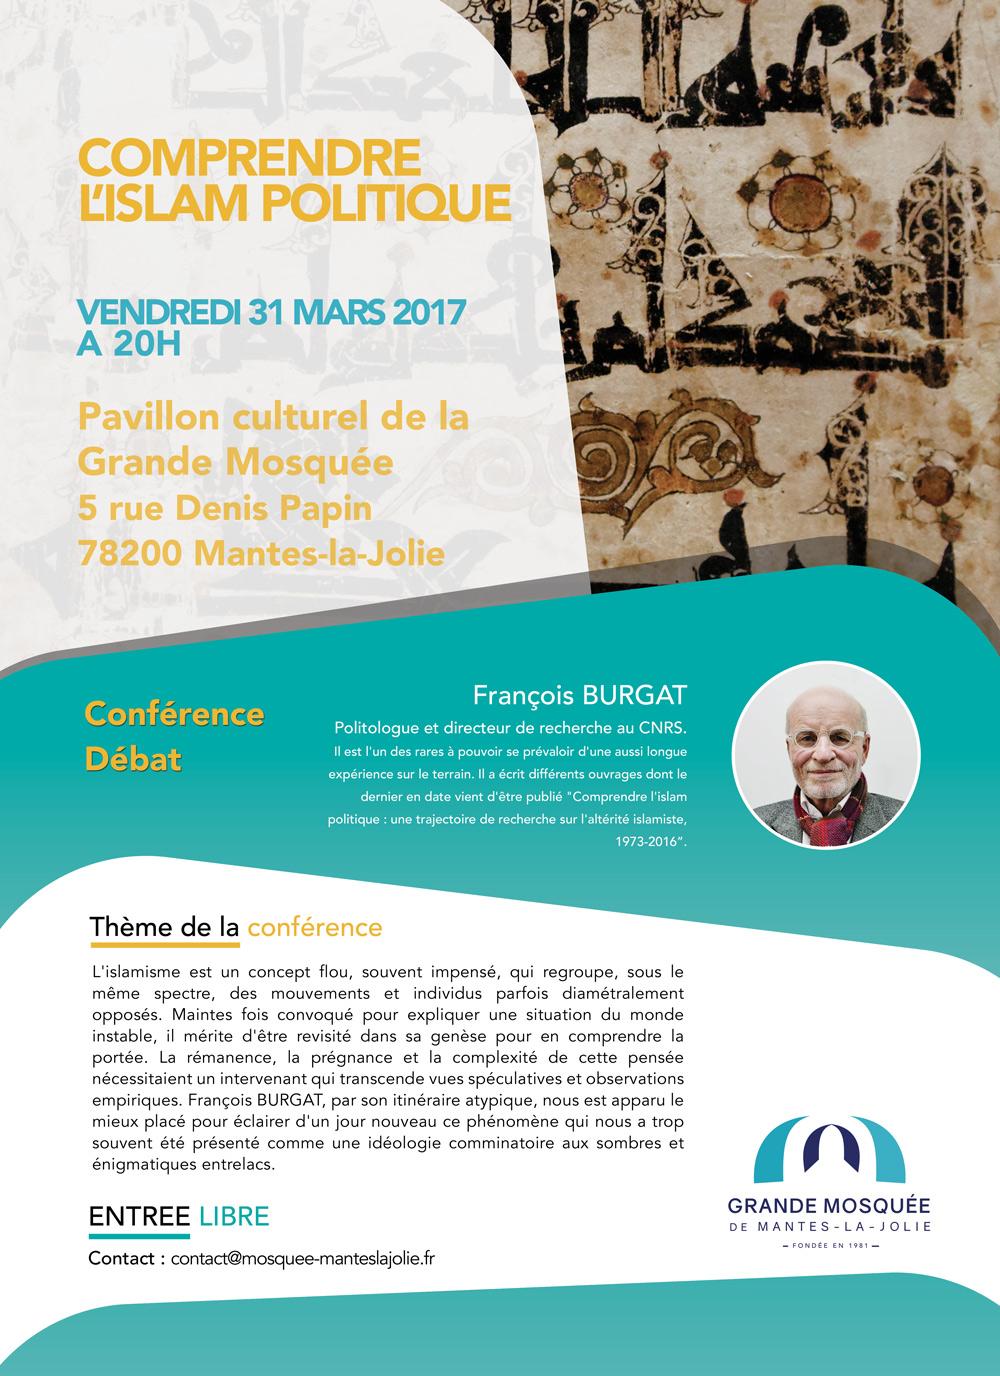 http://www.saphirnews.com/agenda/Comprendre-l-islam-politique_ae478794.html